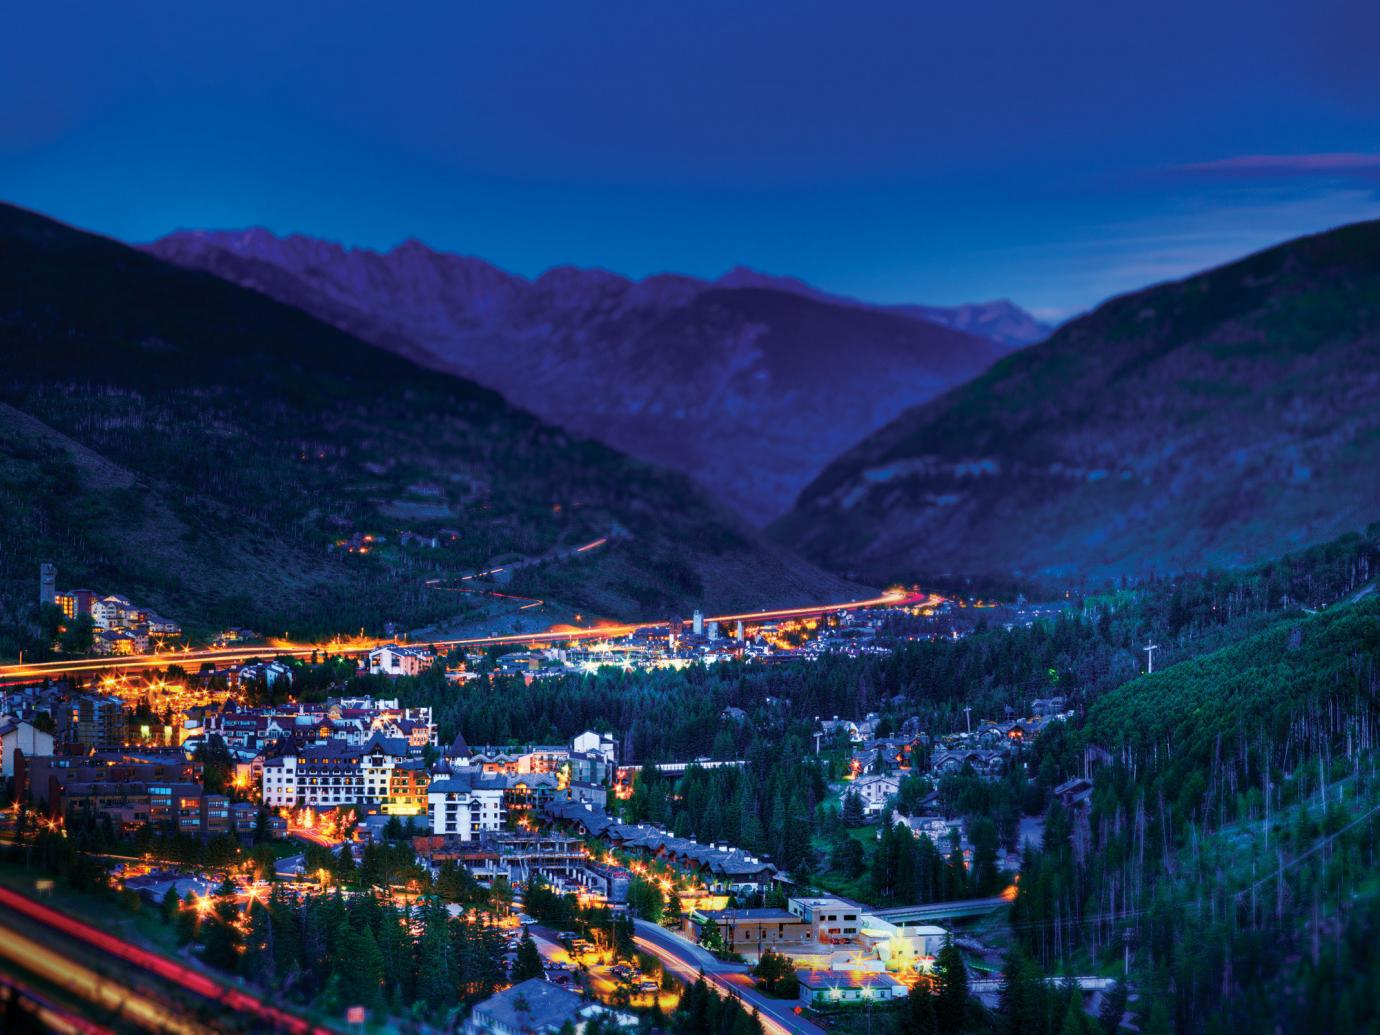 View of Vail Colorado at night